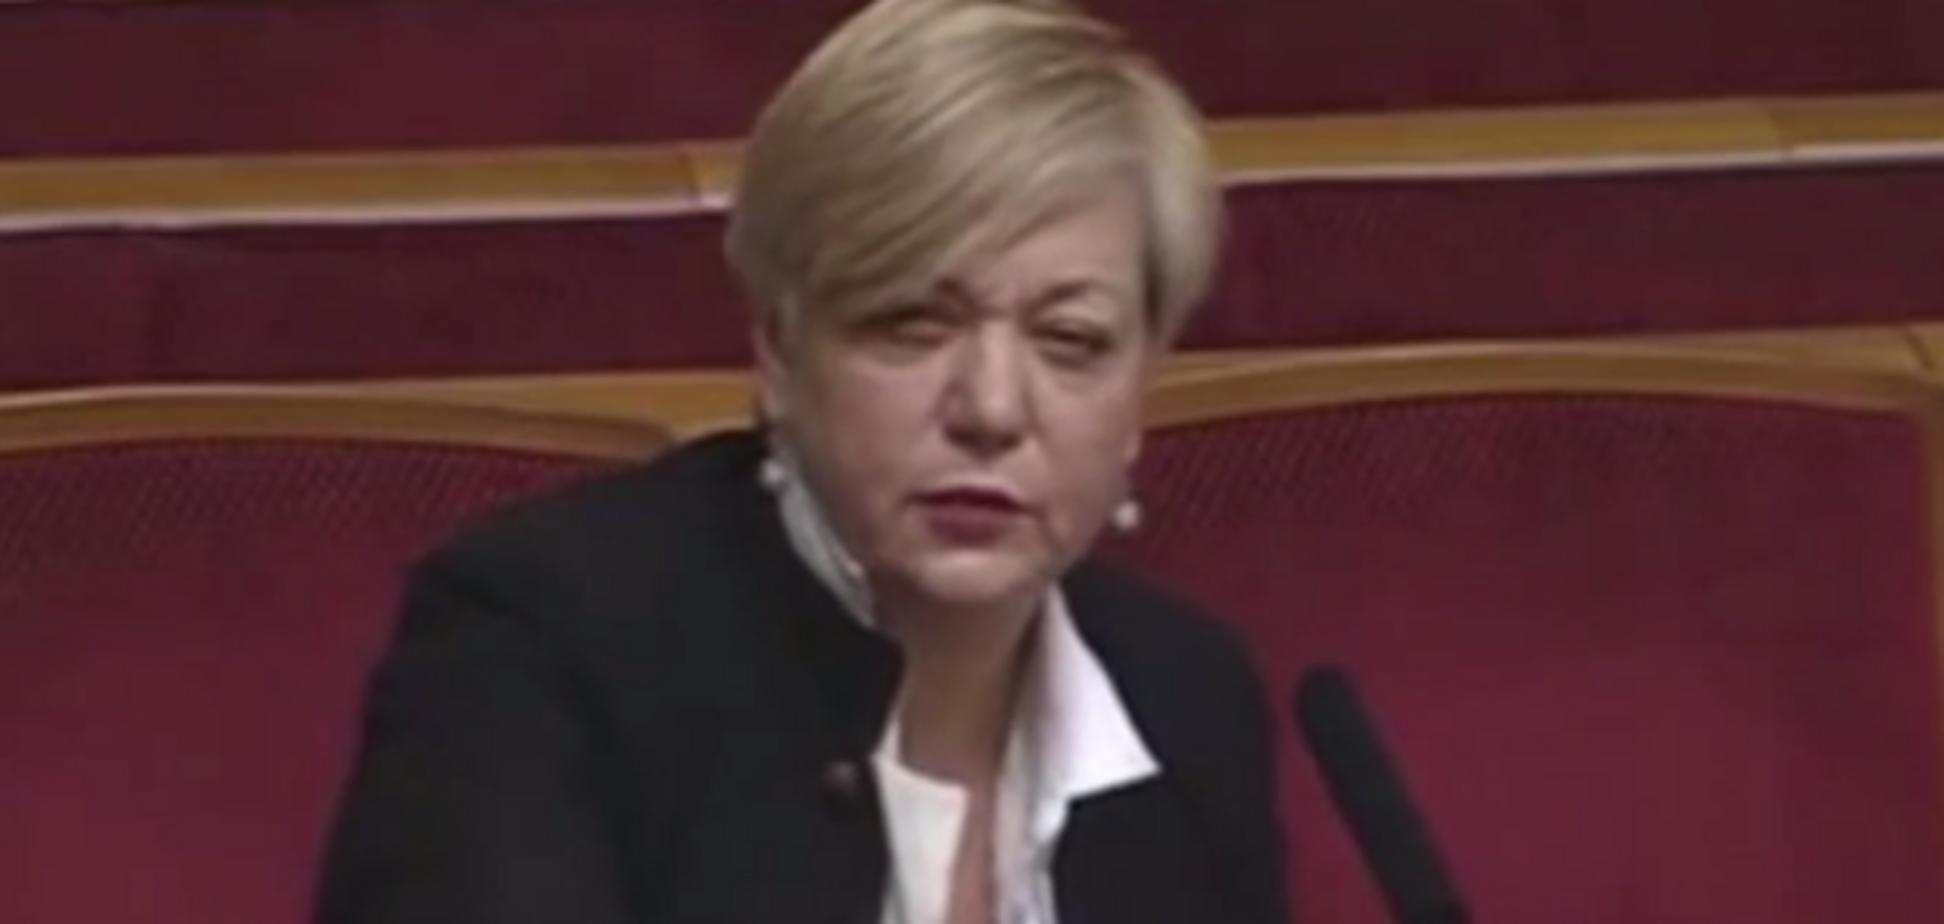 'Последнее слово' Гонтаревой рассмешило Раду: опубликовано видео